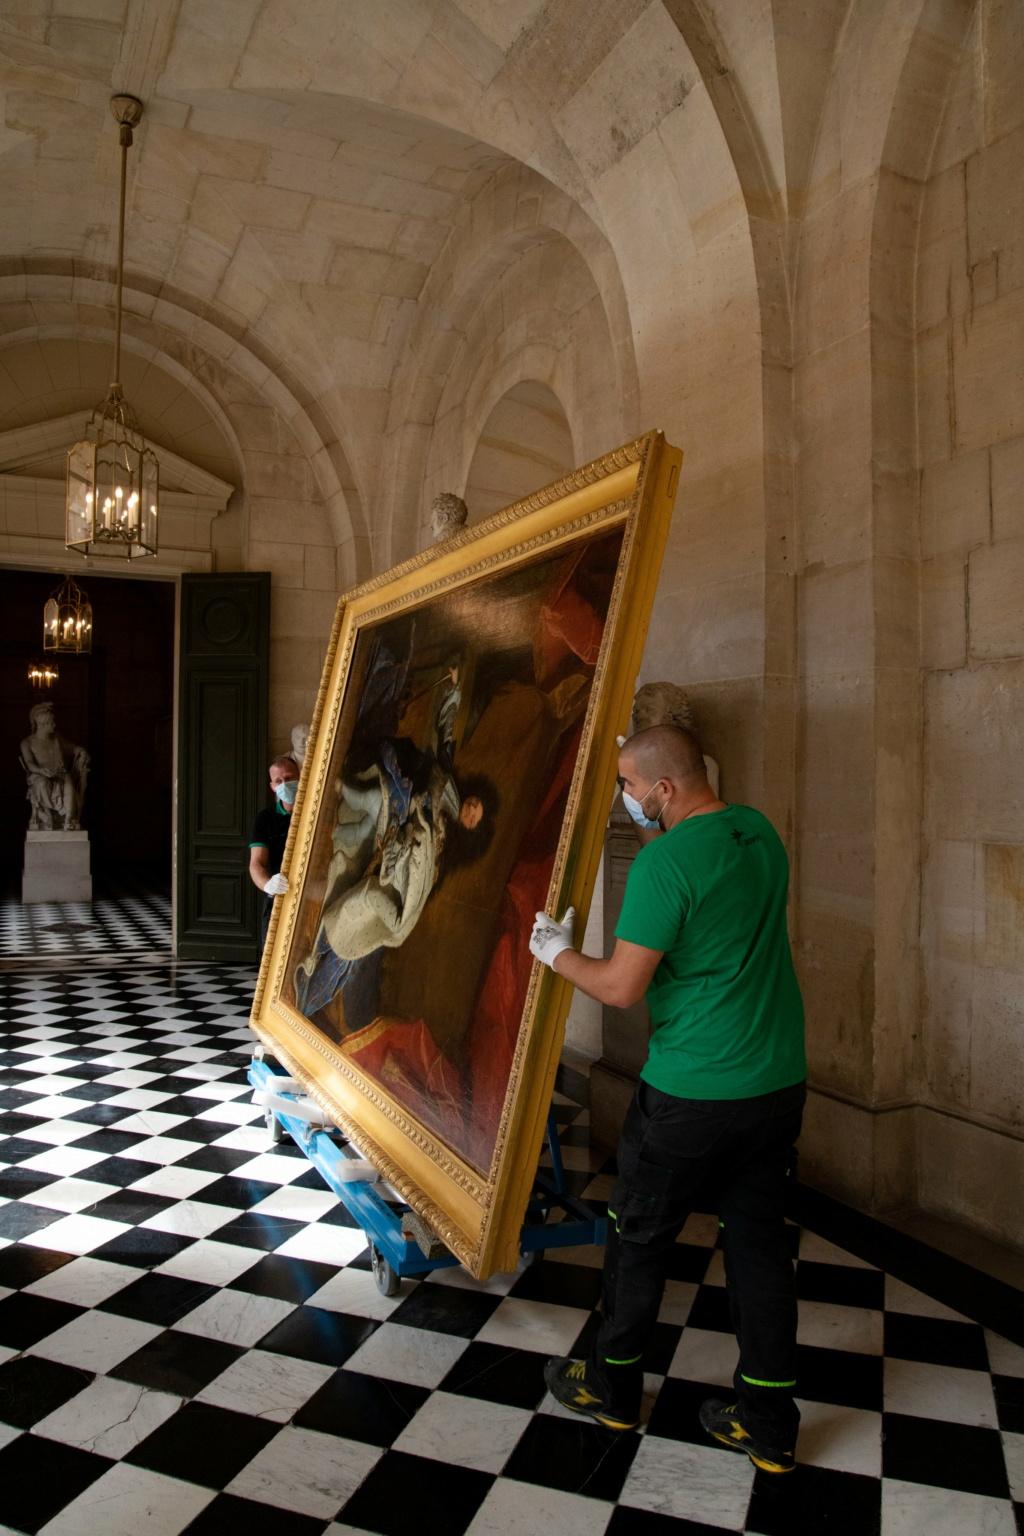 rigaud - Hyacinthe Rigaud ou le portrait Soleil, expo Versailles 2020 Eg0edg12